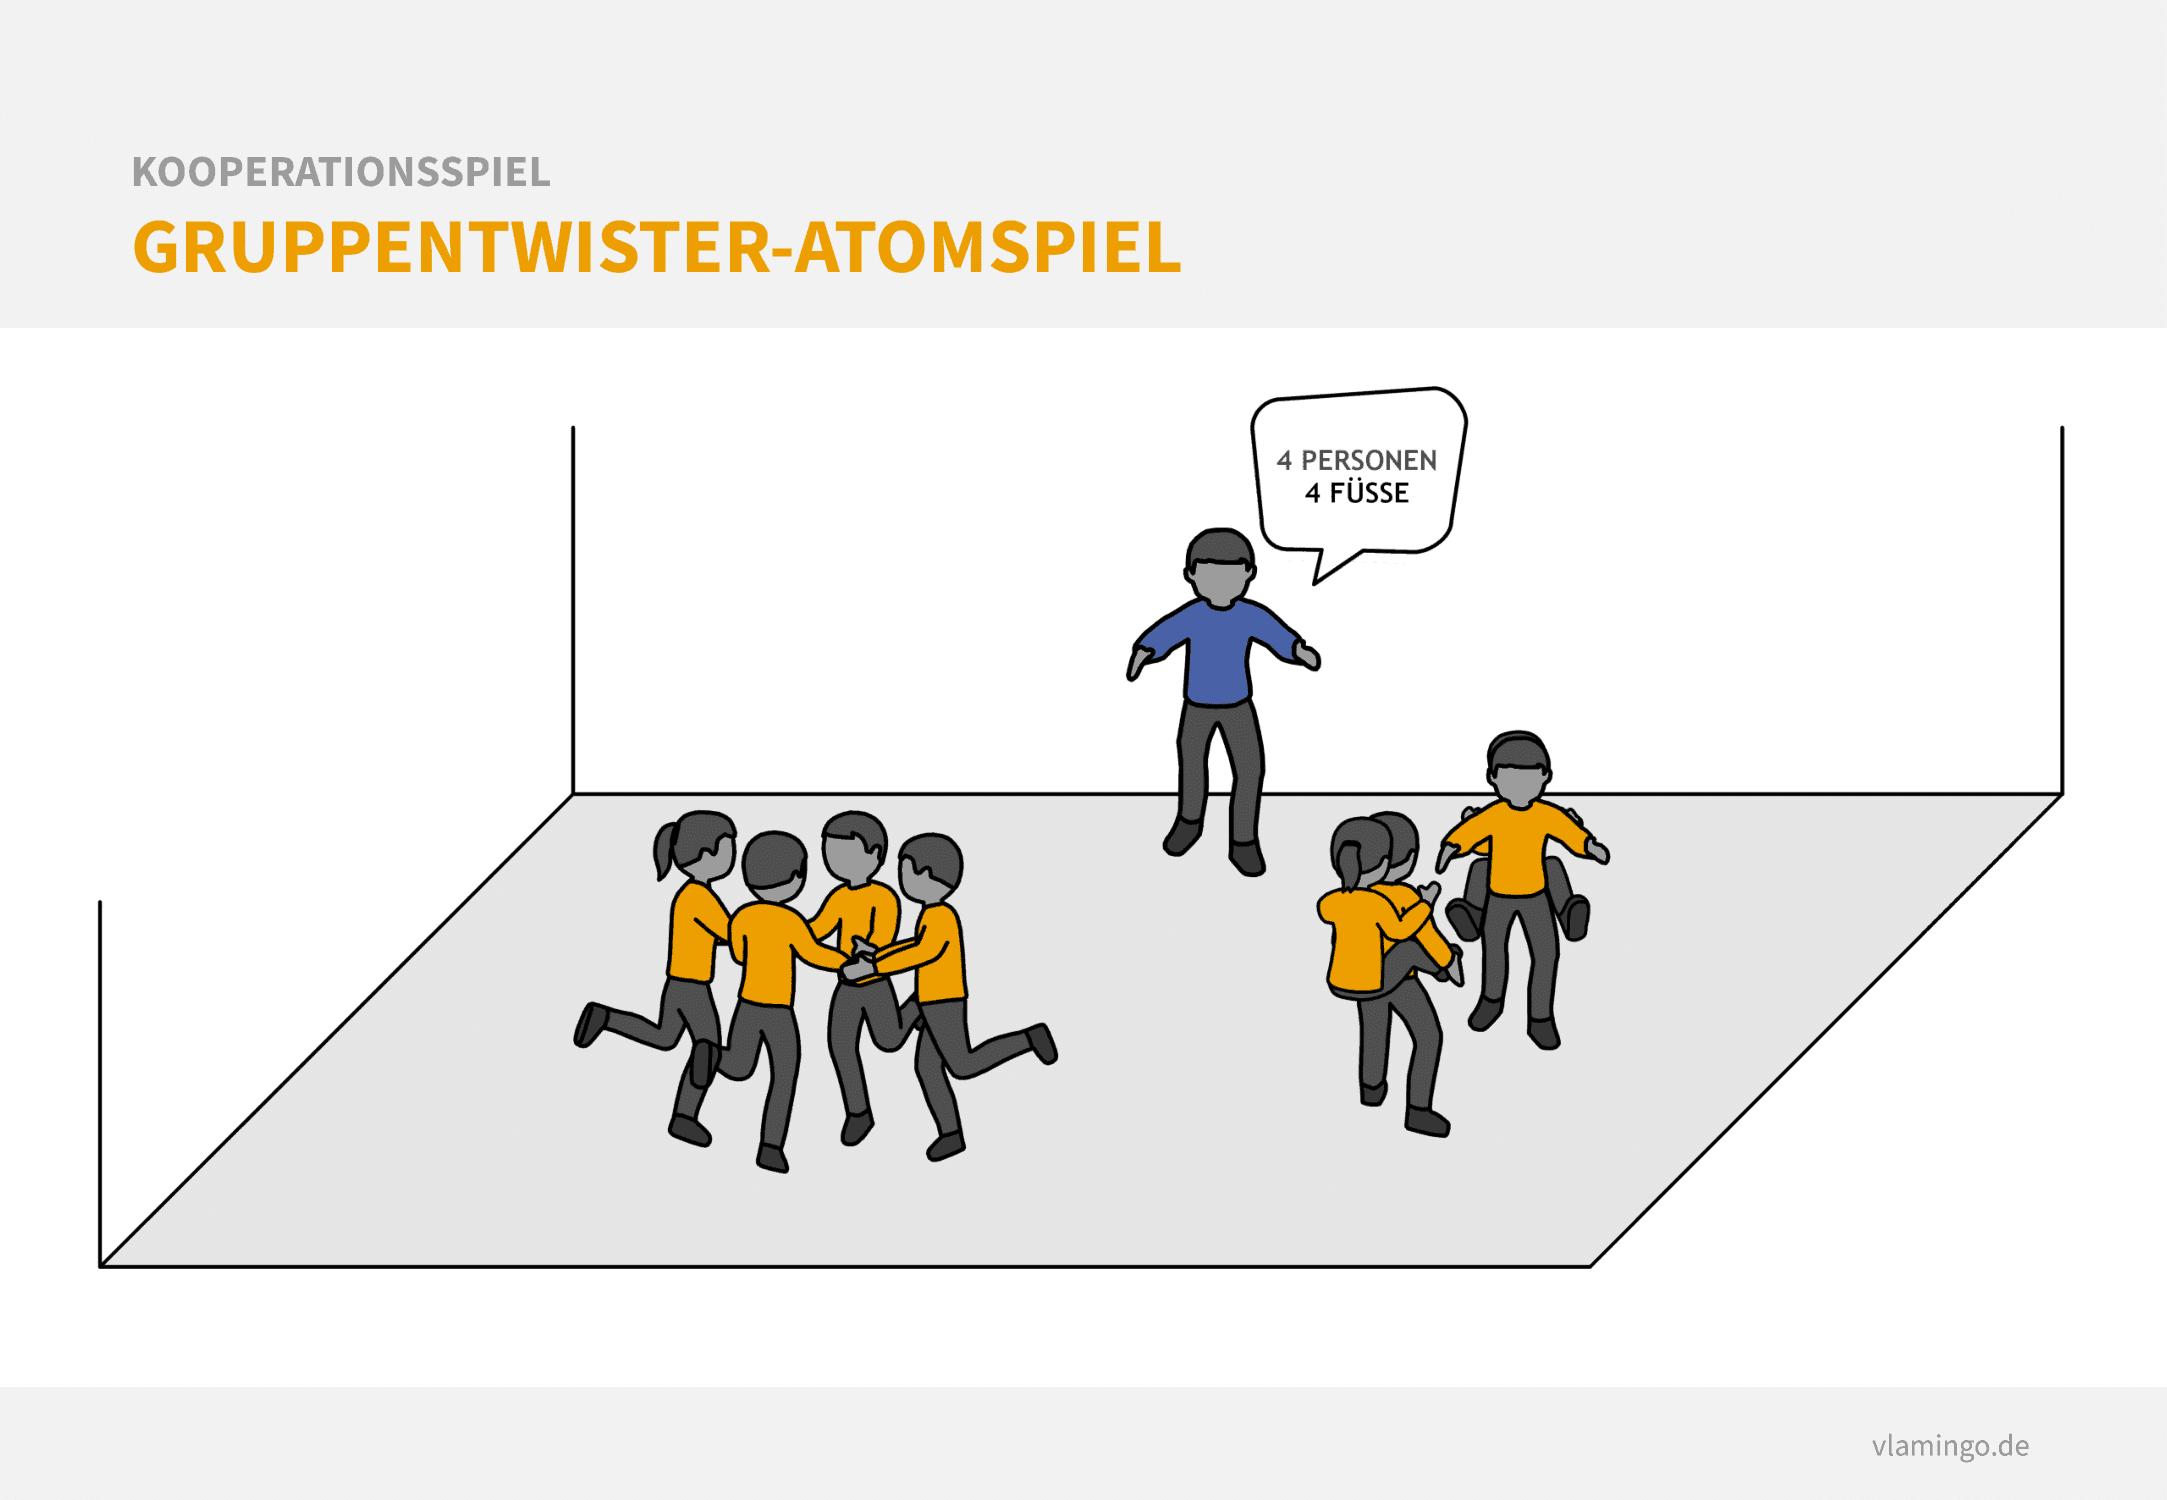 Kooperationsspiel: Gruppentwister - Atomspiel